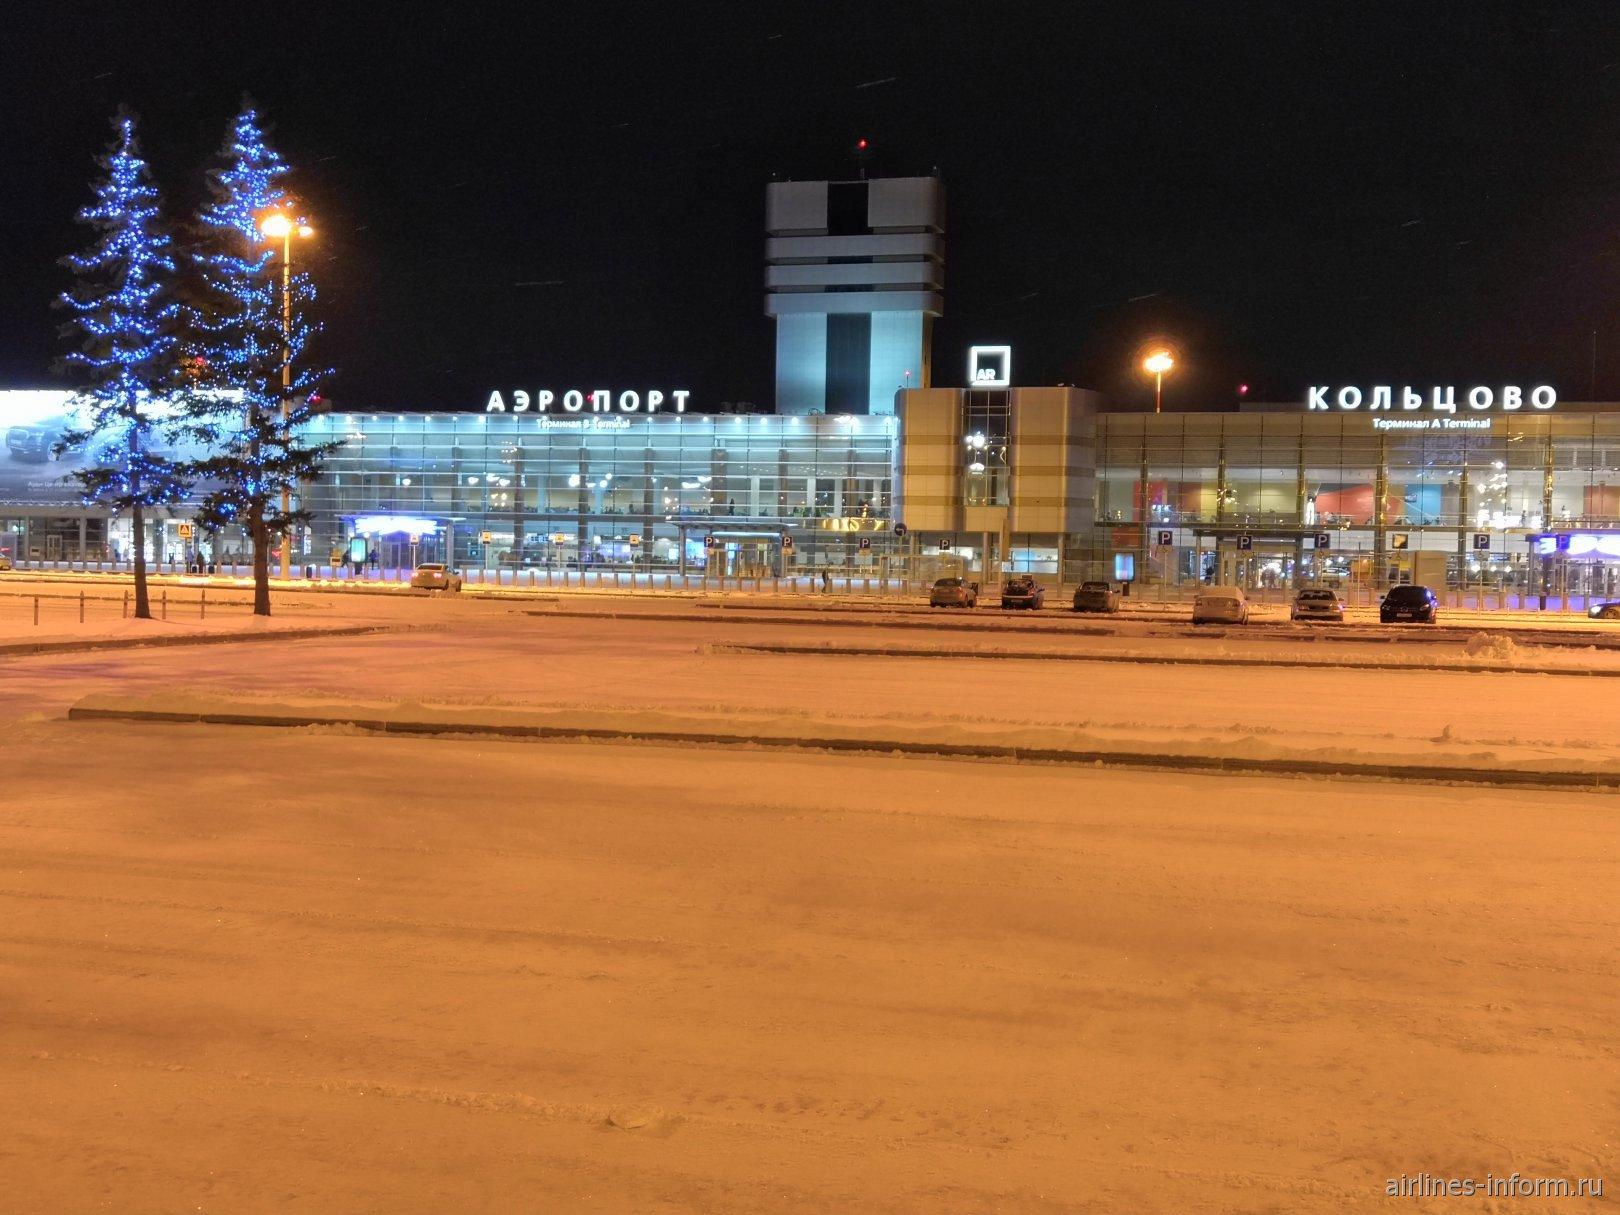 Заснеженная привокзальная площадь аэропорта Екатеринбург Кольцово